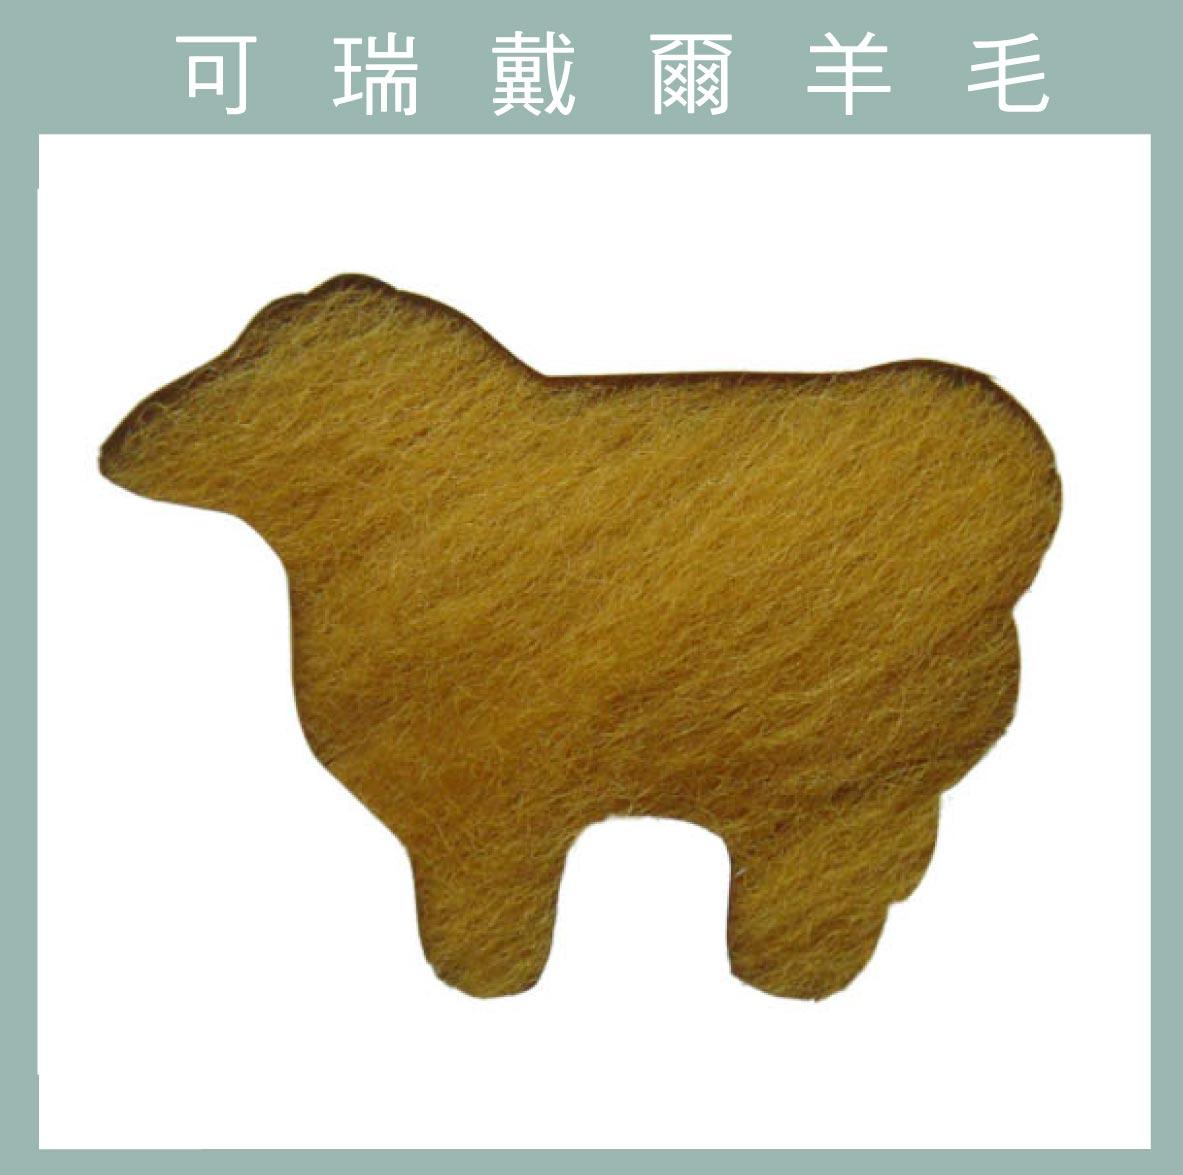 紐西蘭ASHFORD-可瑞戴爾羊毛[10克]C10黃金獵犬